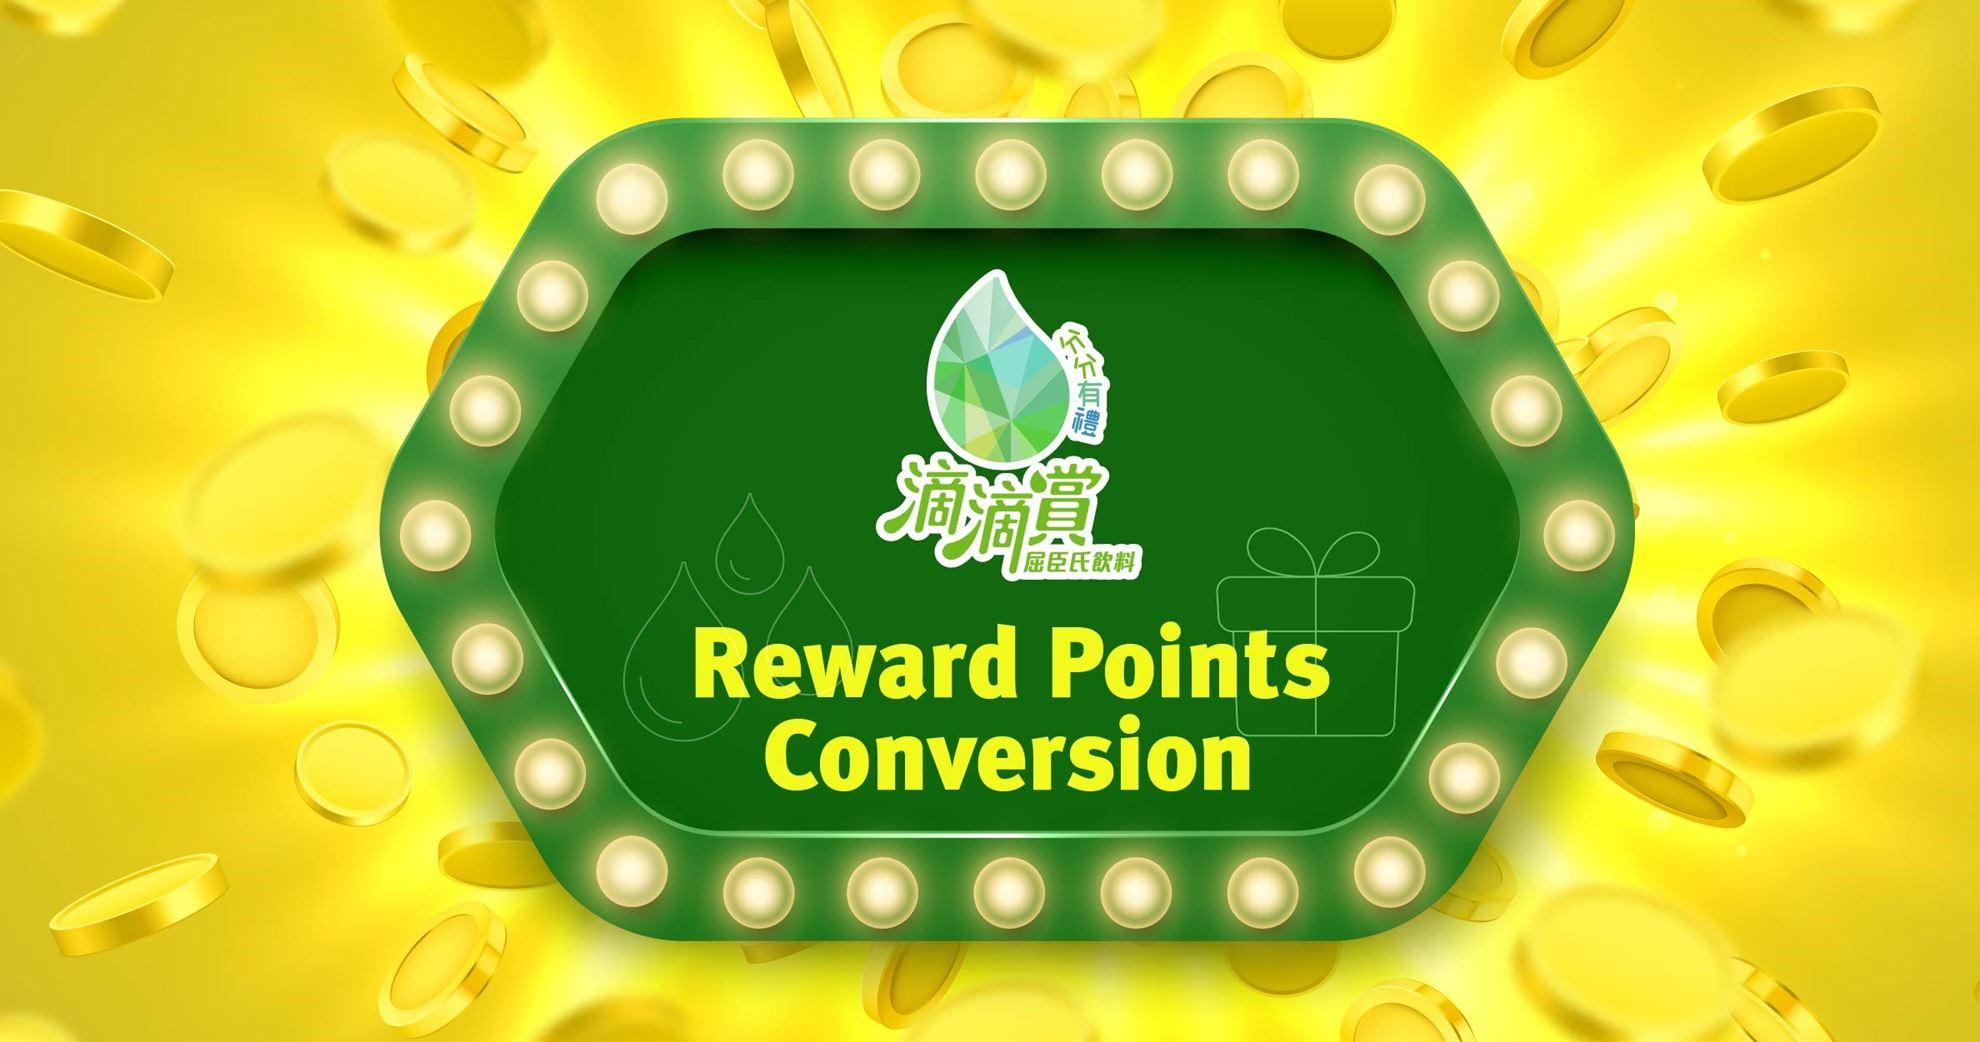 Reward Point Conversion